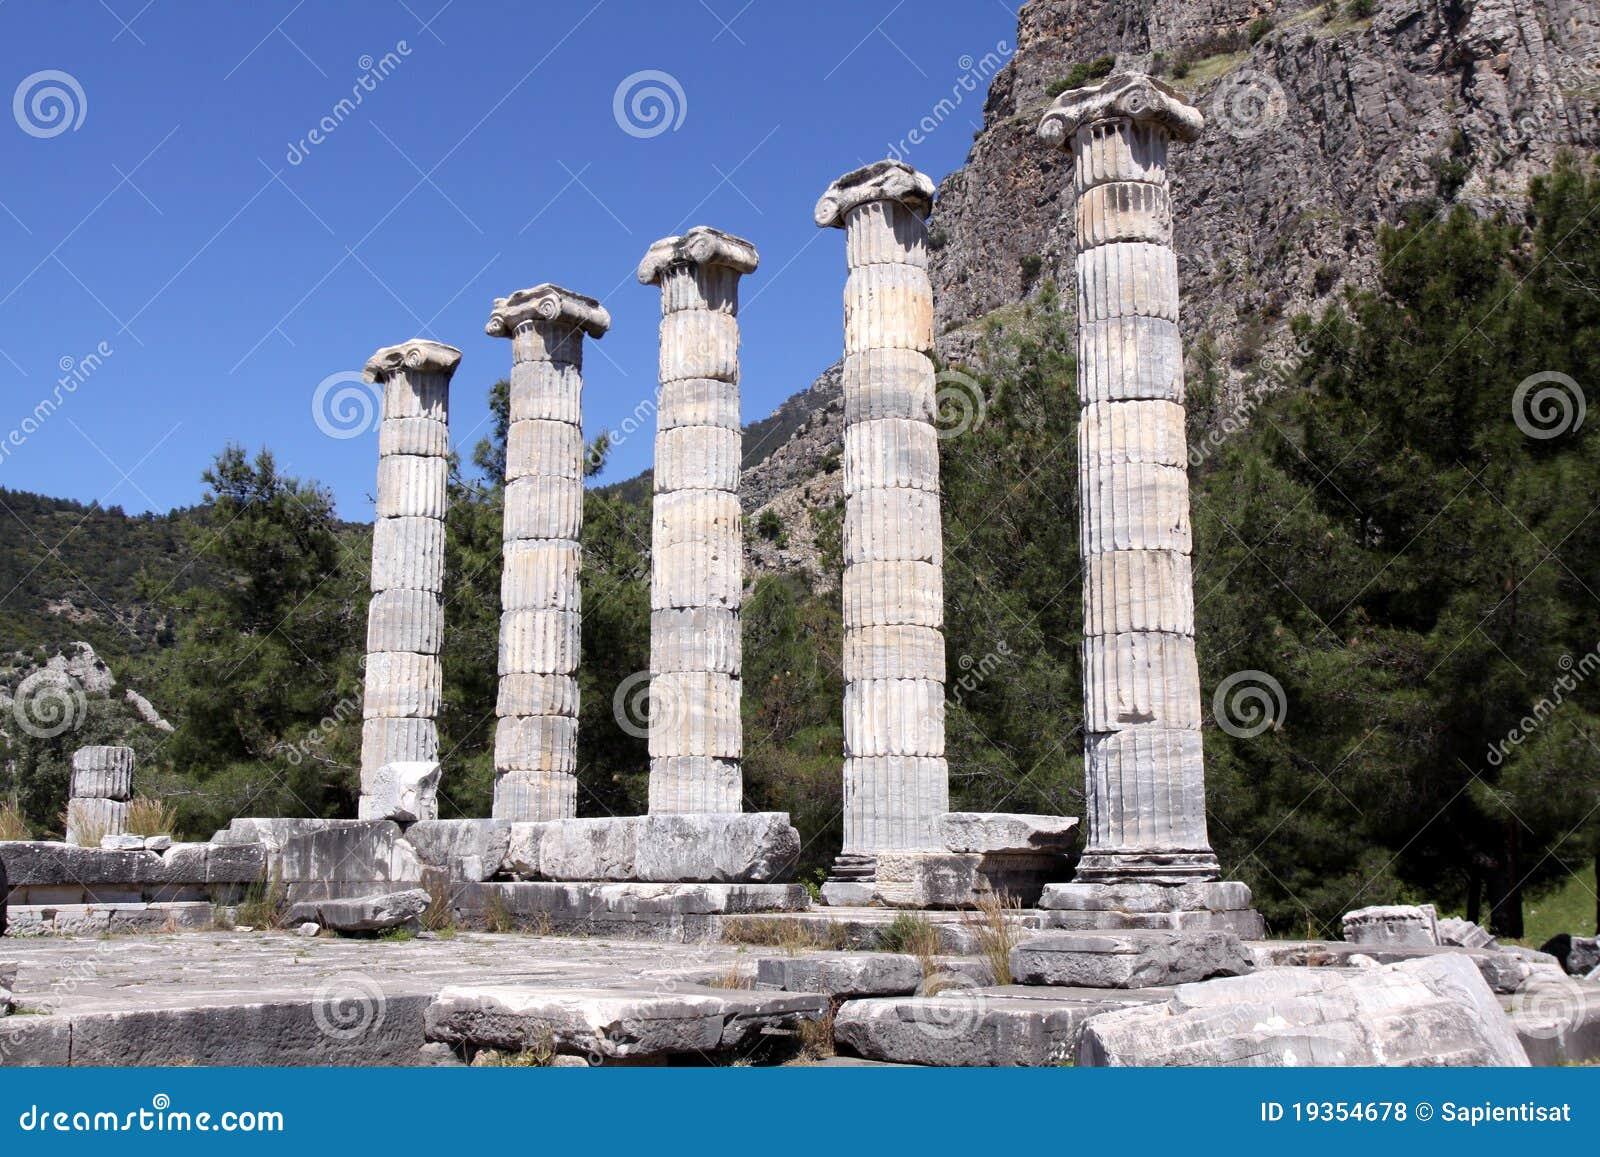 Templo de Athena em Priene, Turquia